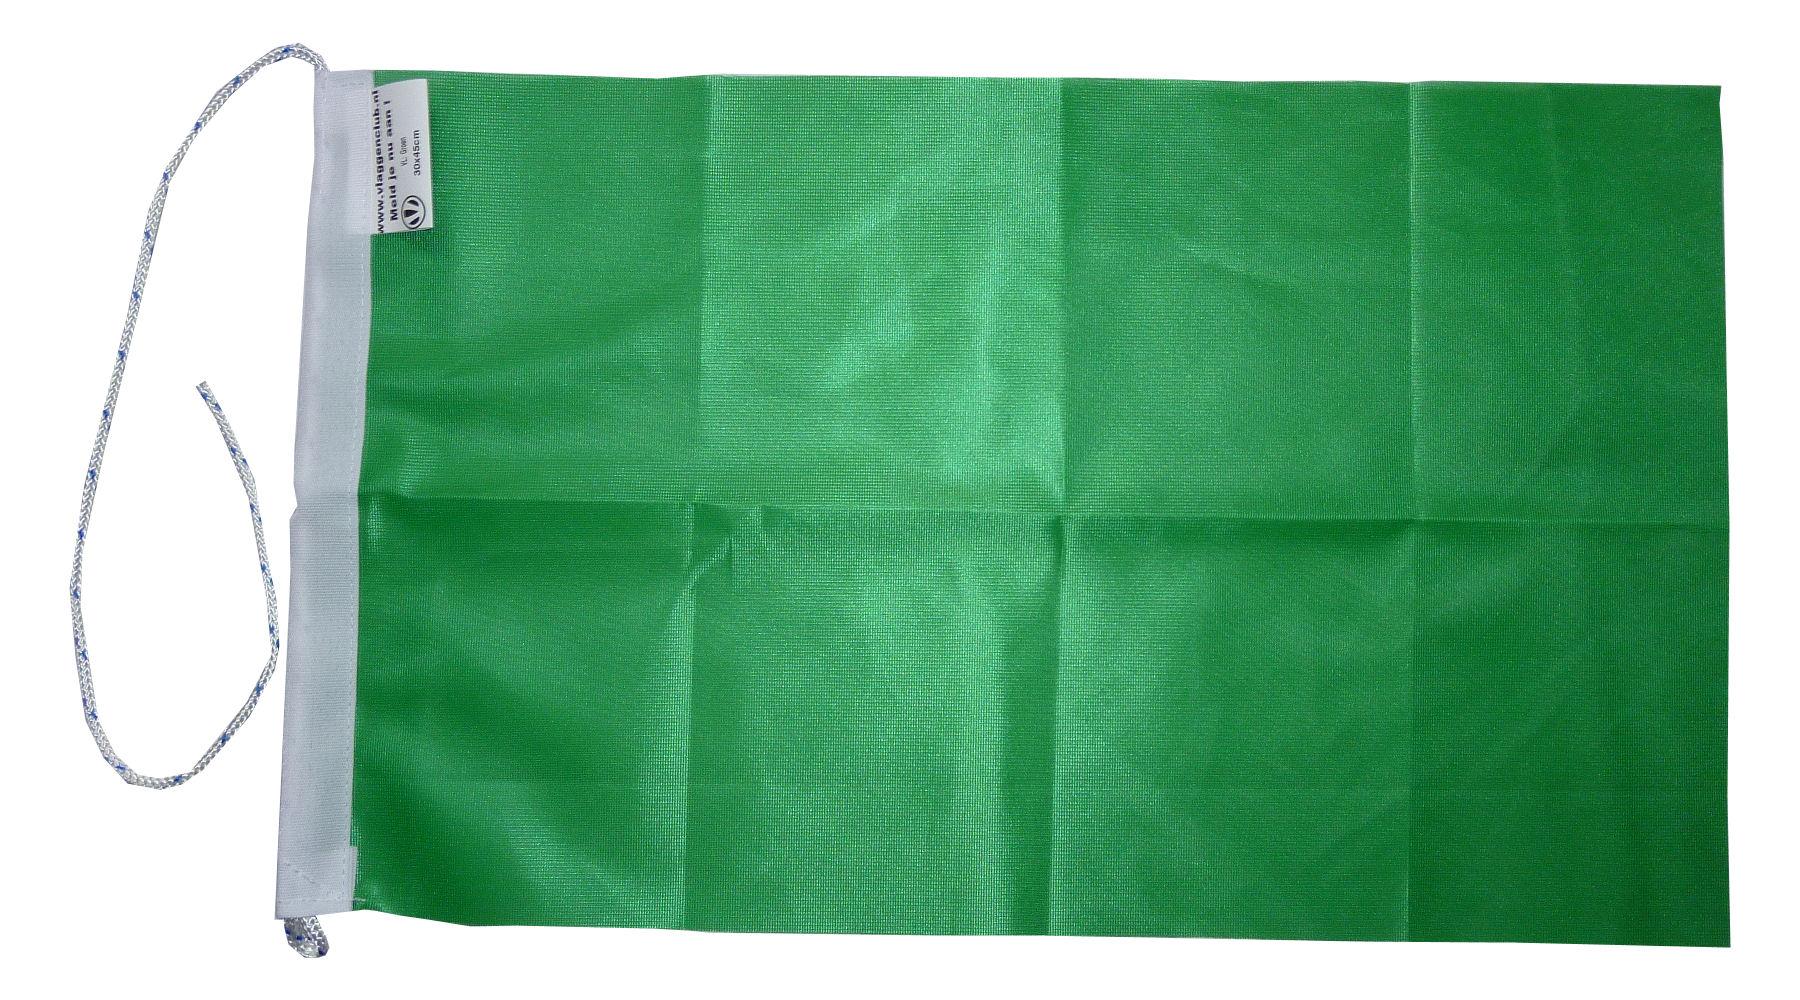 Groene vlag 30x45cm racevlaggen